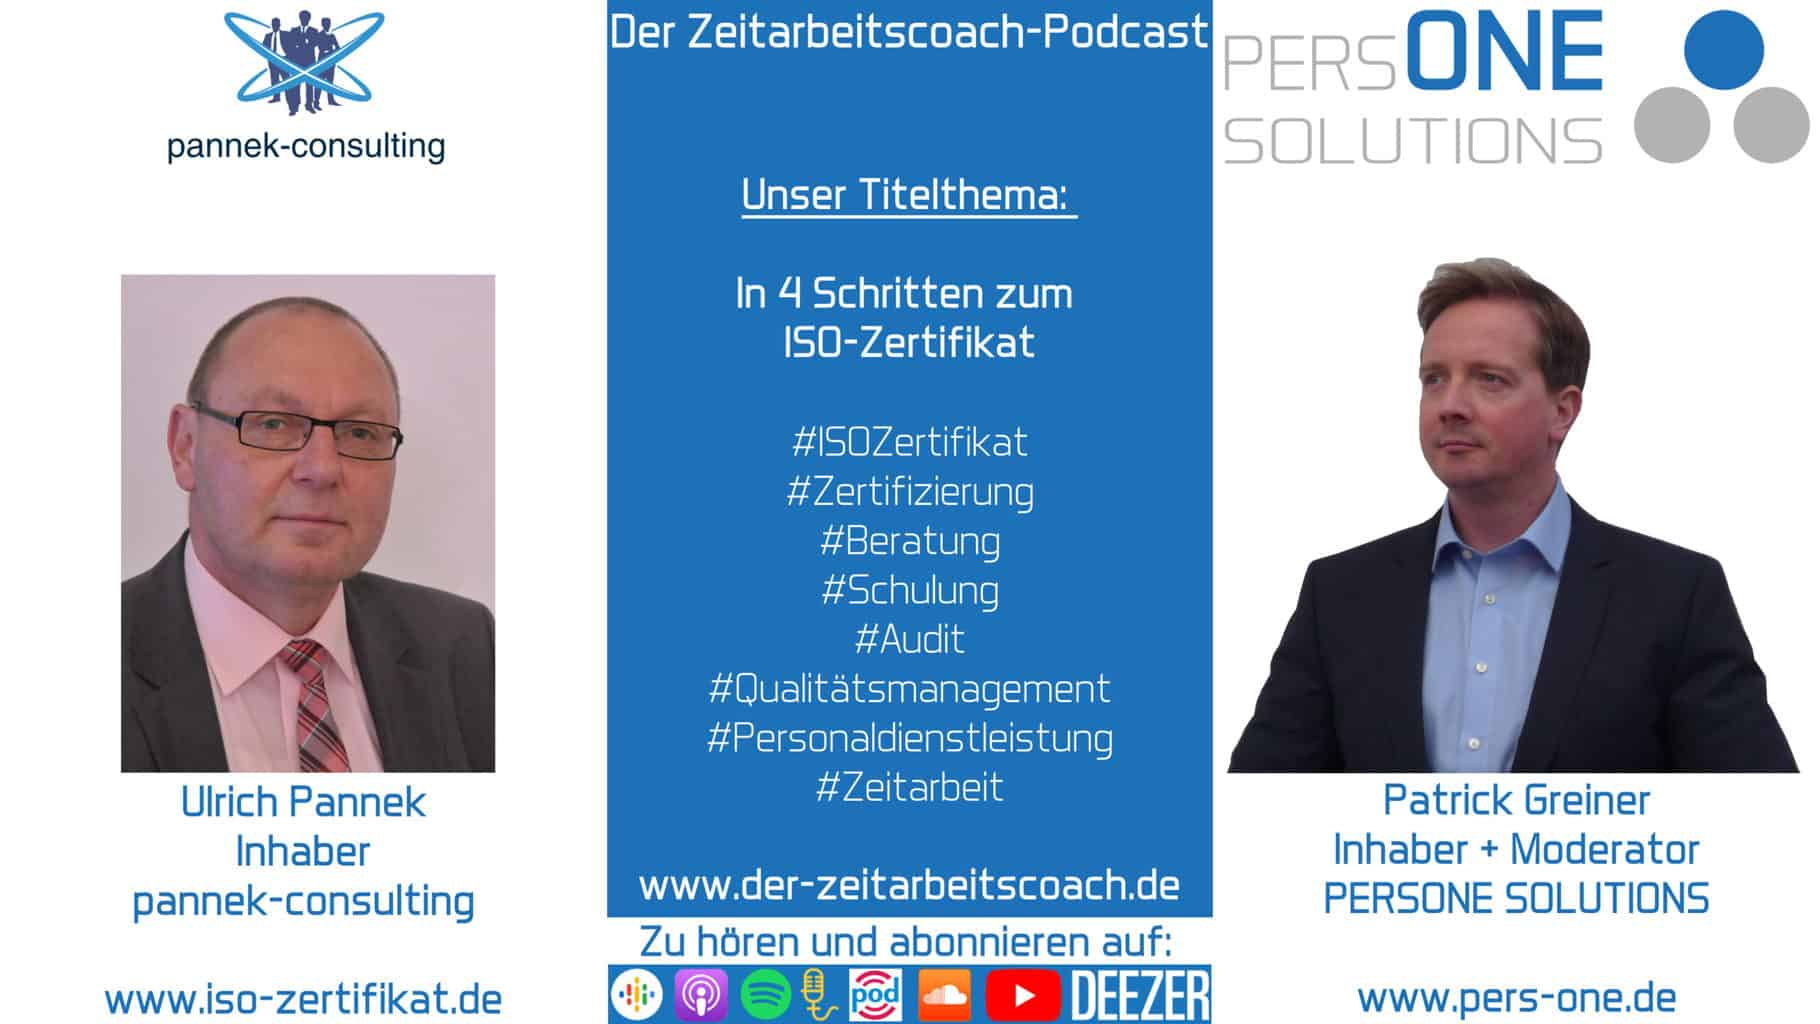 Pannek, Ulrich_Podcast SM Grafik-Interview_Zeitarbeitscoach-Podcast